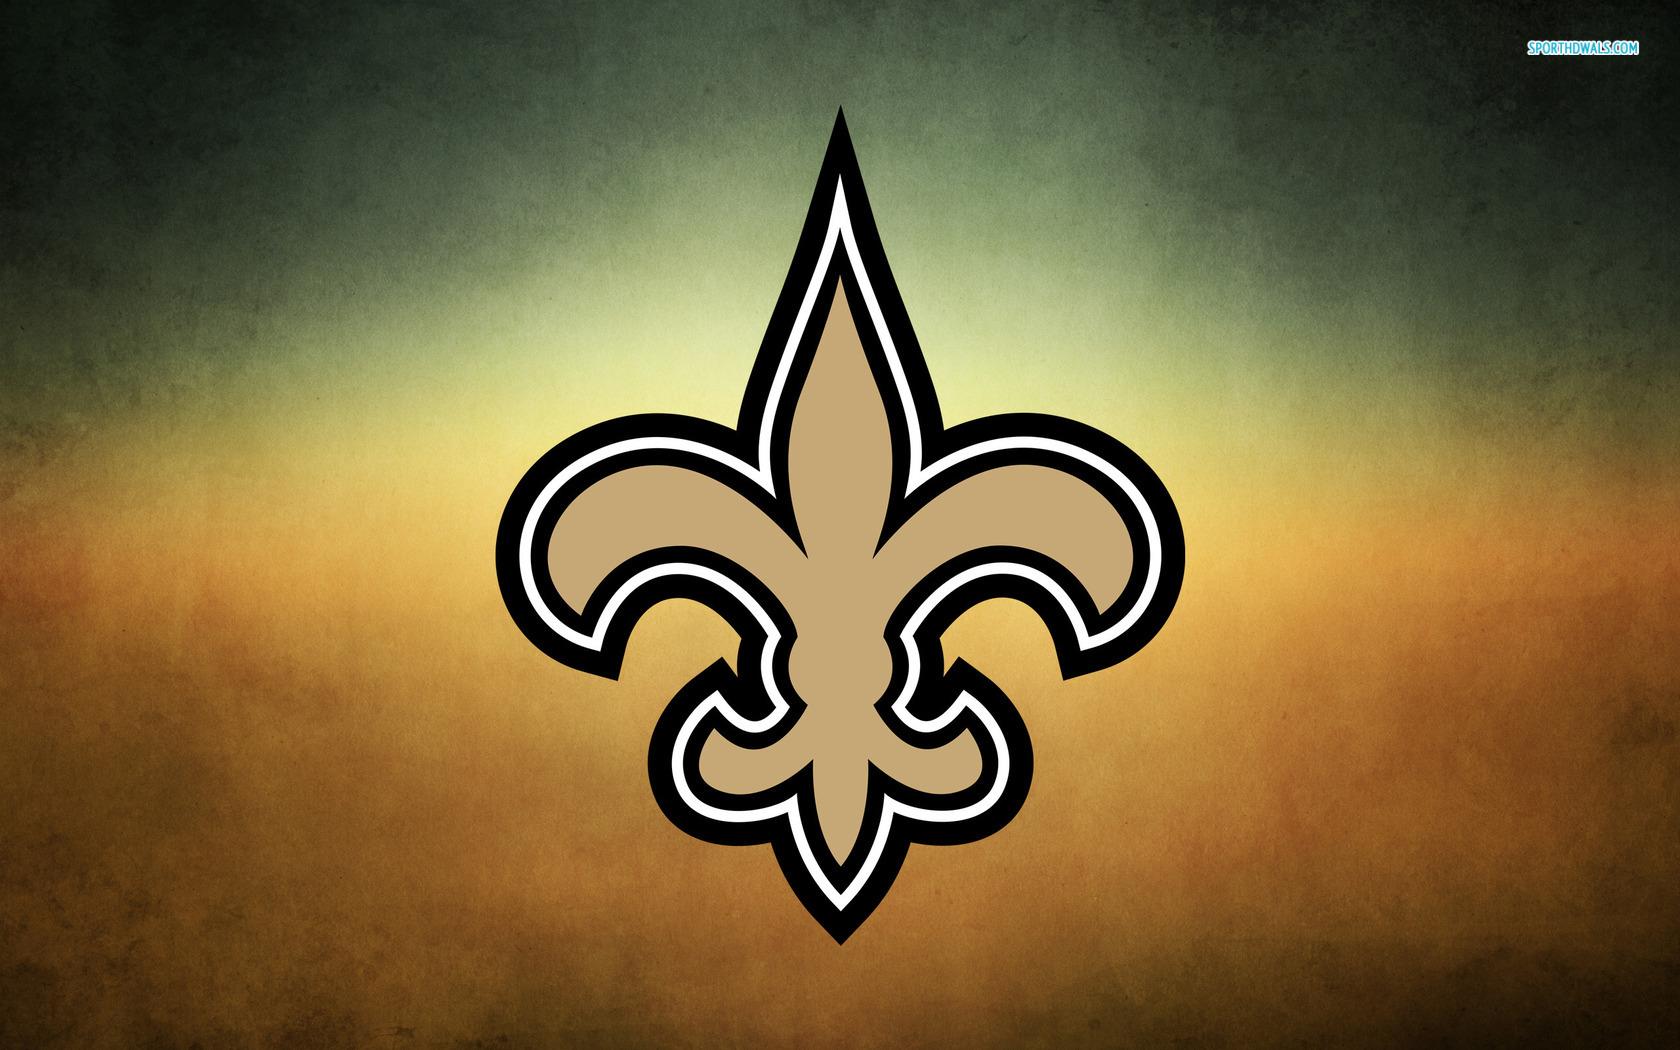 Ms fondos similares en las categoras New Orleans Saints 1680x1050